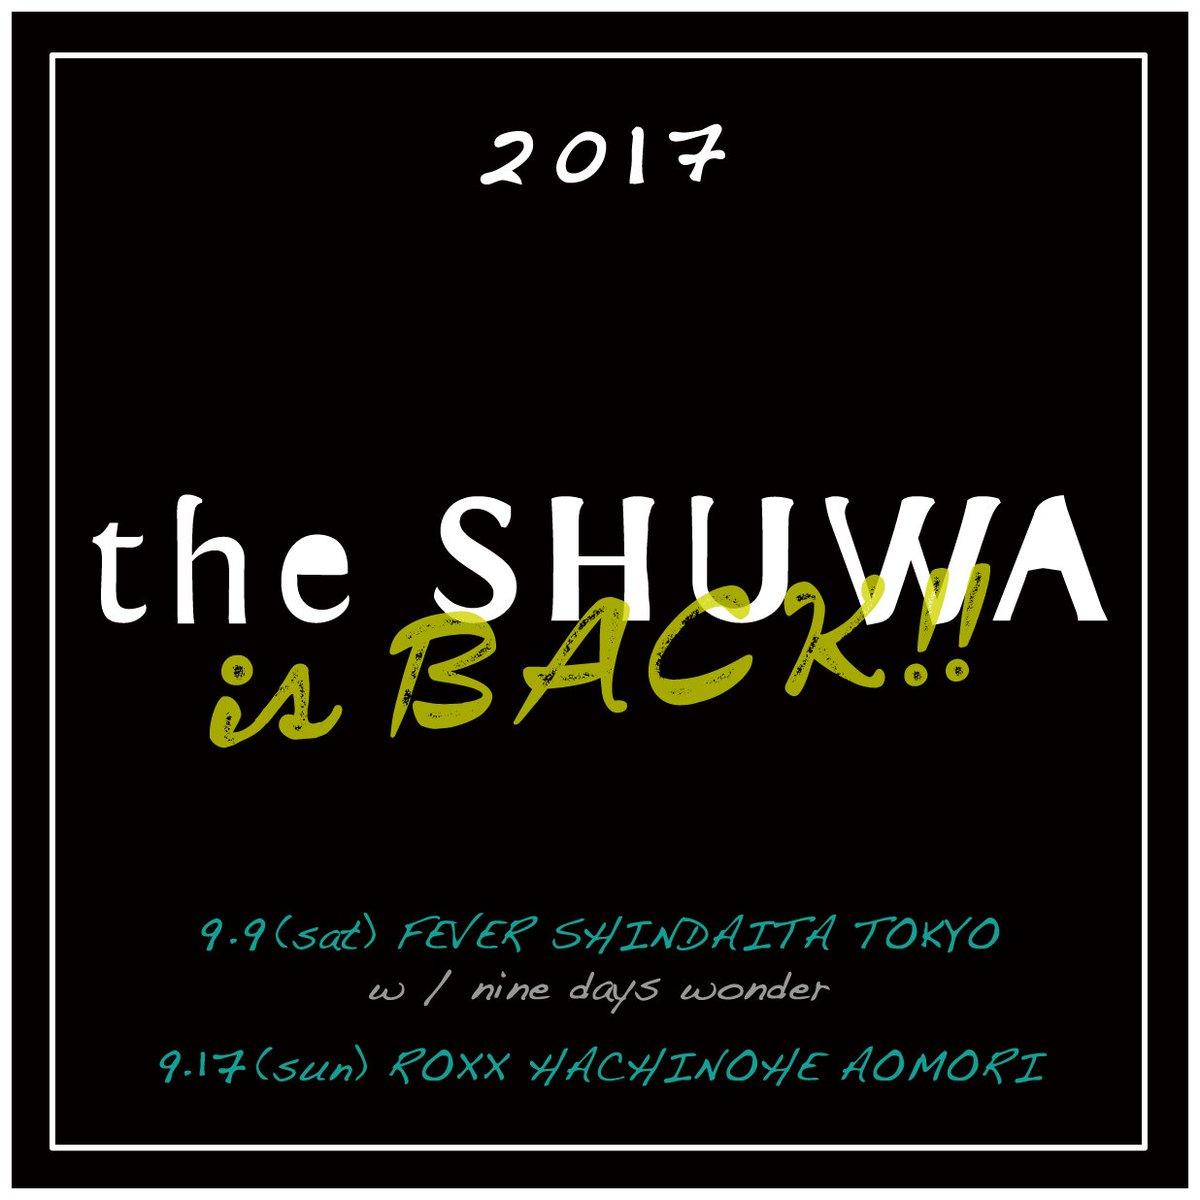 【拡散希望】 やっとお知らせできますが、9月からthe SHUWA動き出します。 皆さんの友達なんかにも広めてもらえると嬉しいです。  https://t.co/1OtovpoJjj https://t.co/PYUZLfQGF4